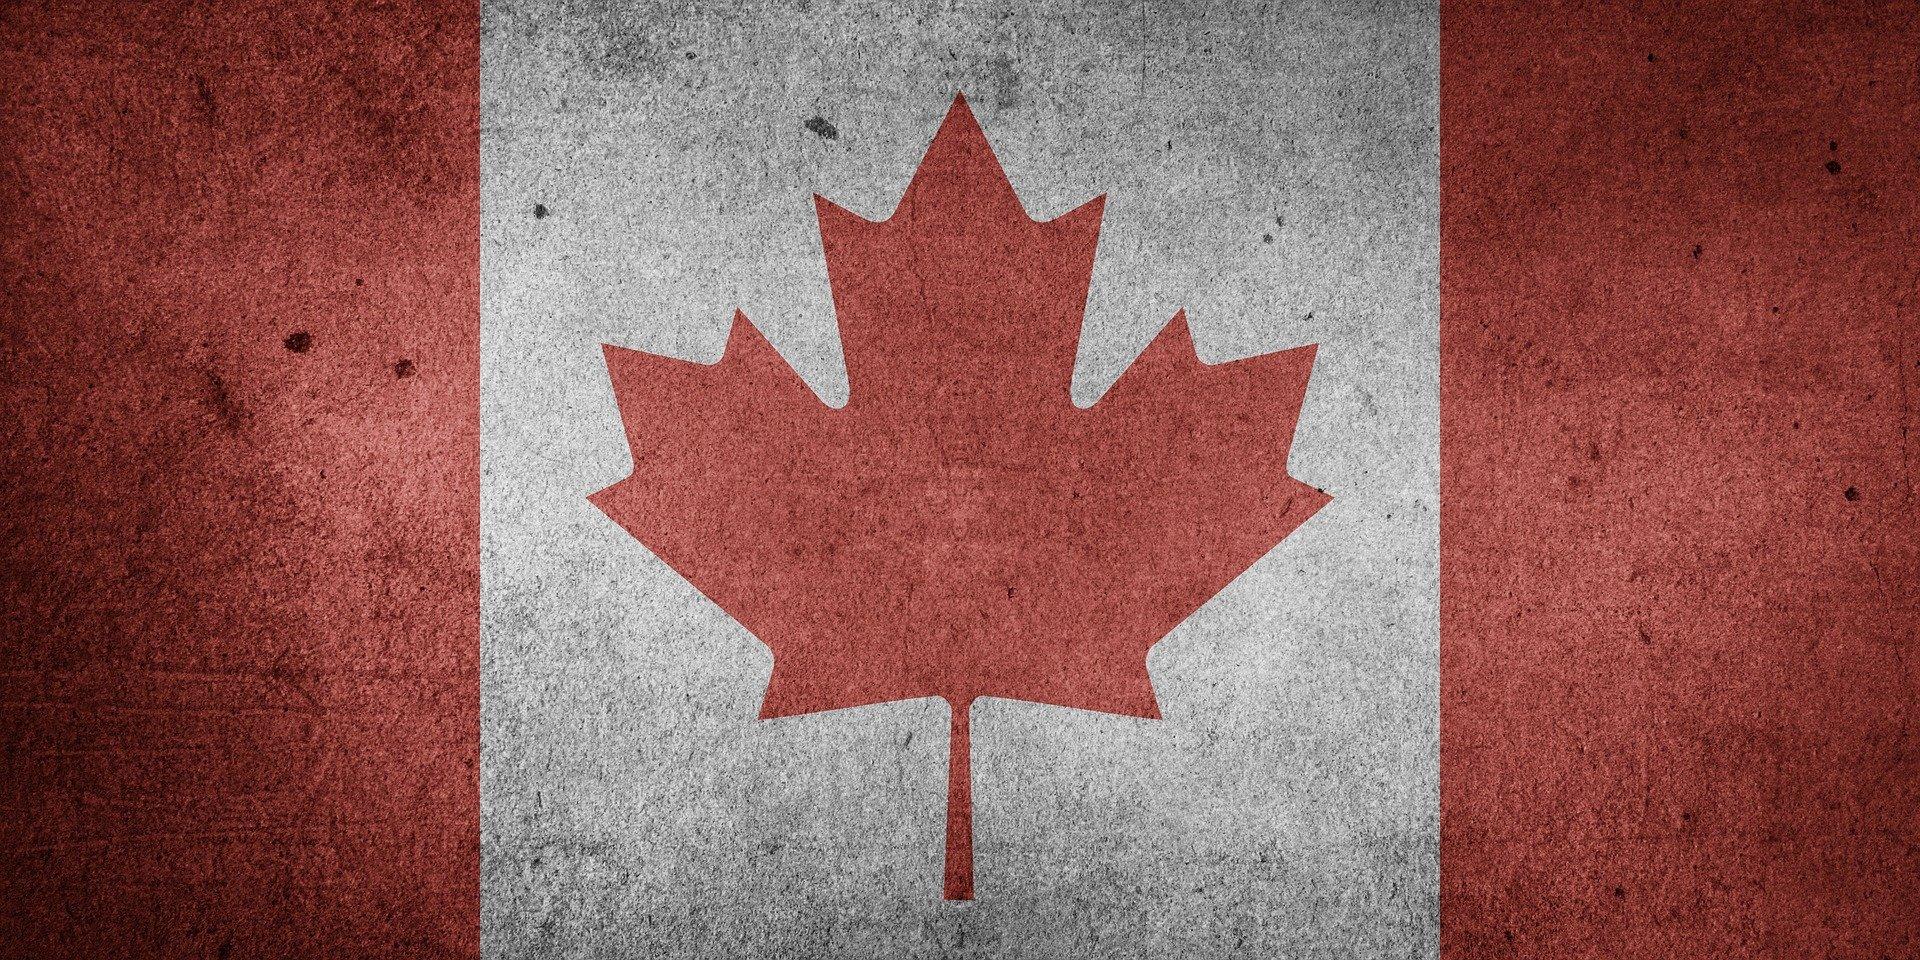 אישור כניסה לקנדה עם דרכון ישראלי